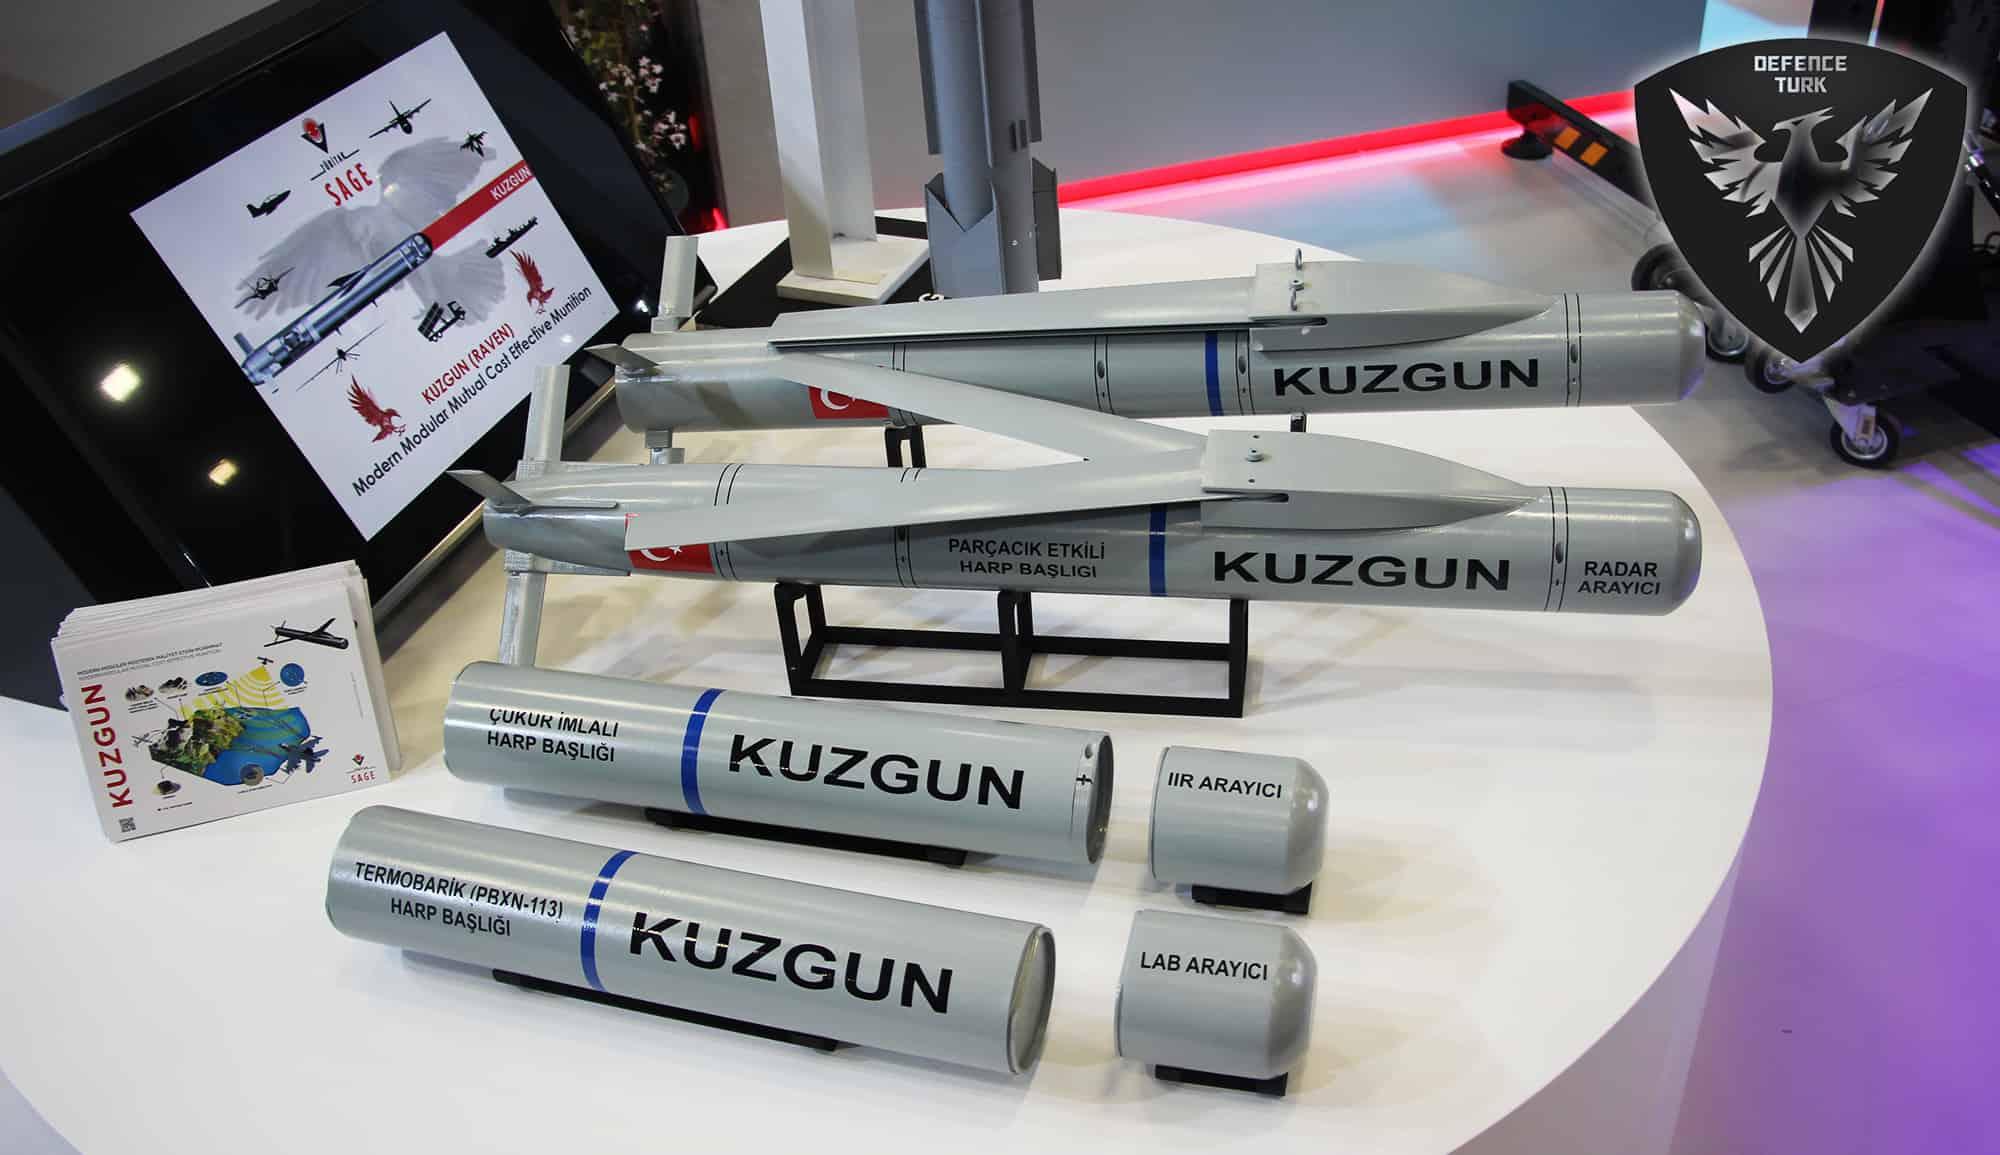 Авіаційні боєприпаси Kuzgun